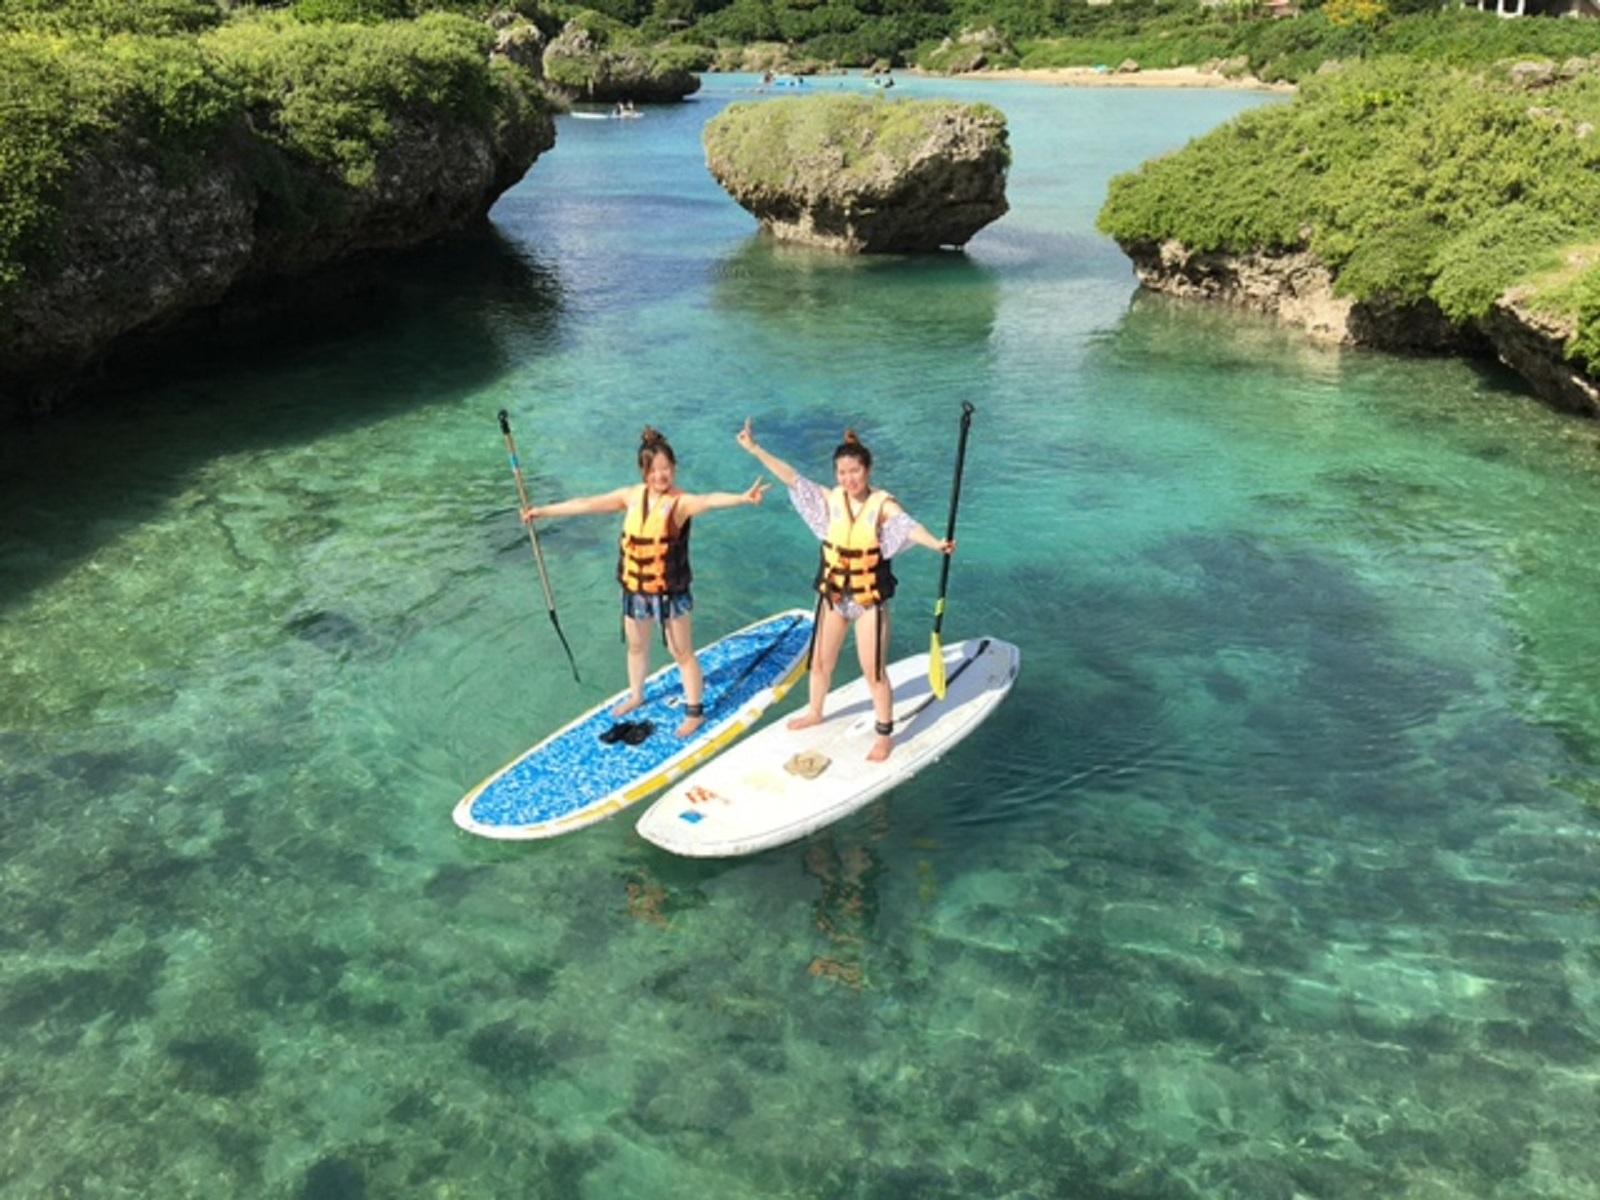 【宮古島/SUP】初心者も安心!スタンドアップパドルボート体験スタンドアップパドルボート(SUP)